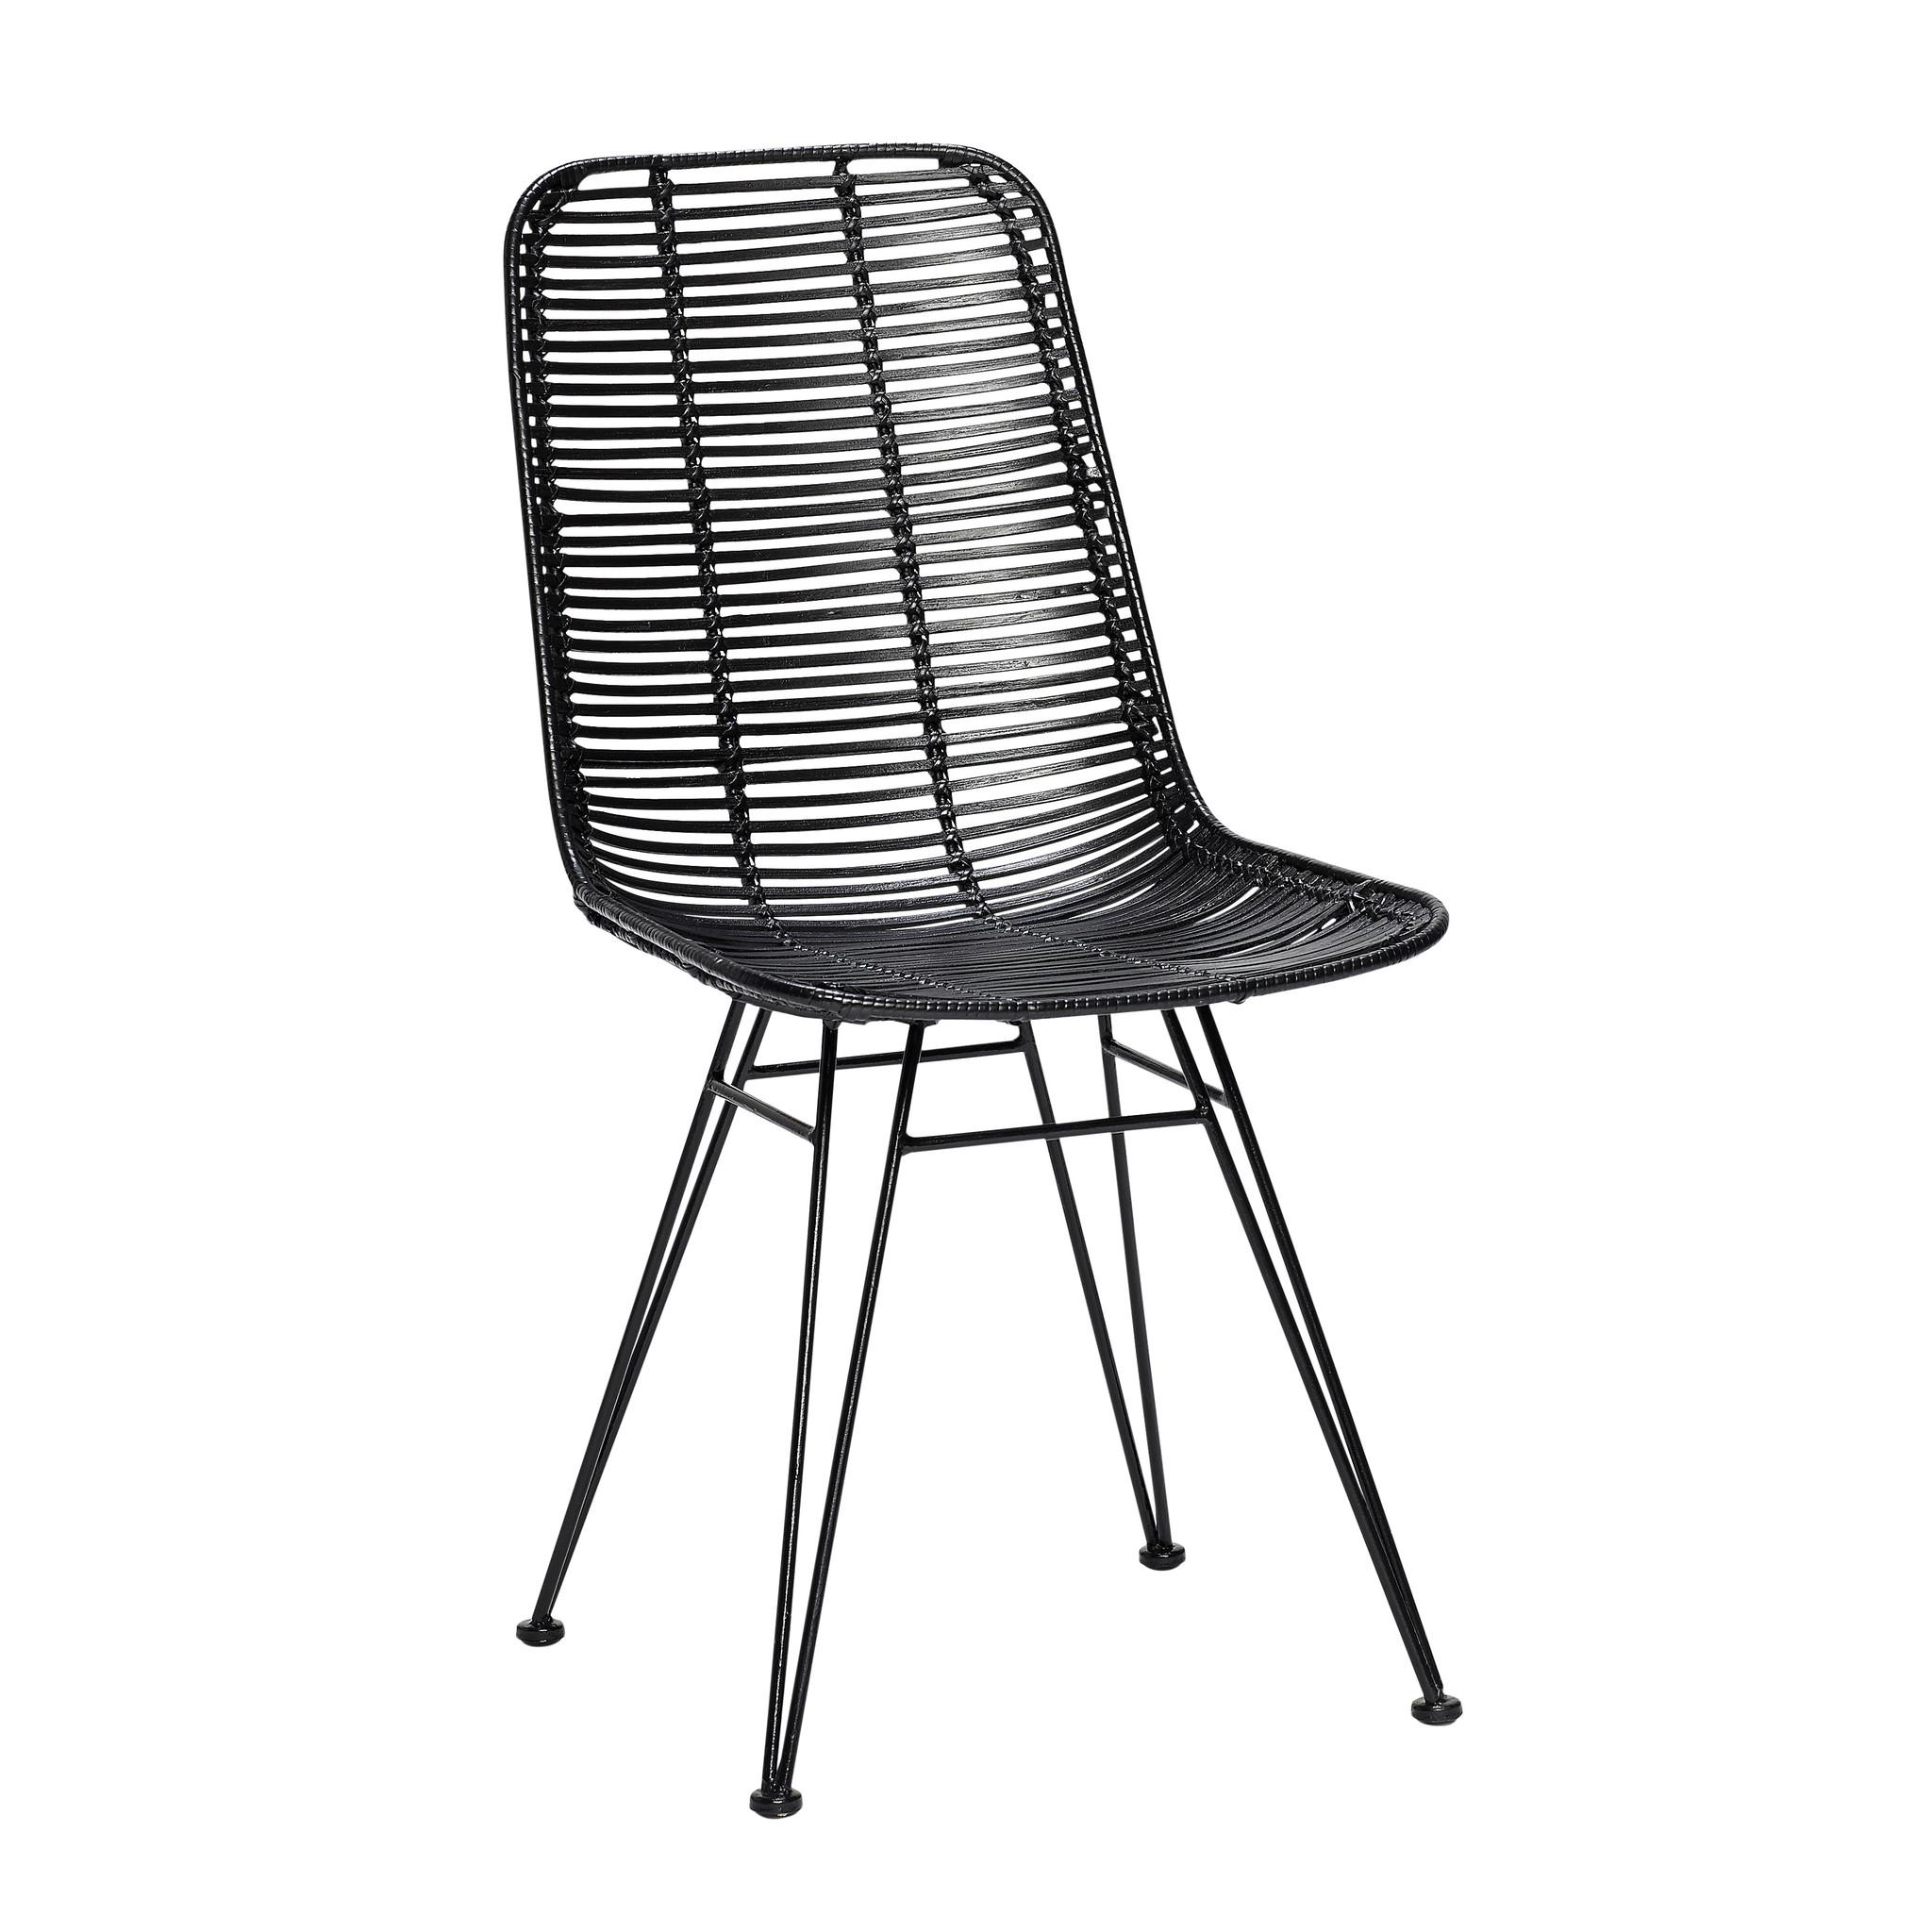 Hubsch Studio stoel, zwart